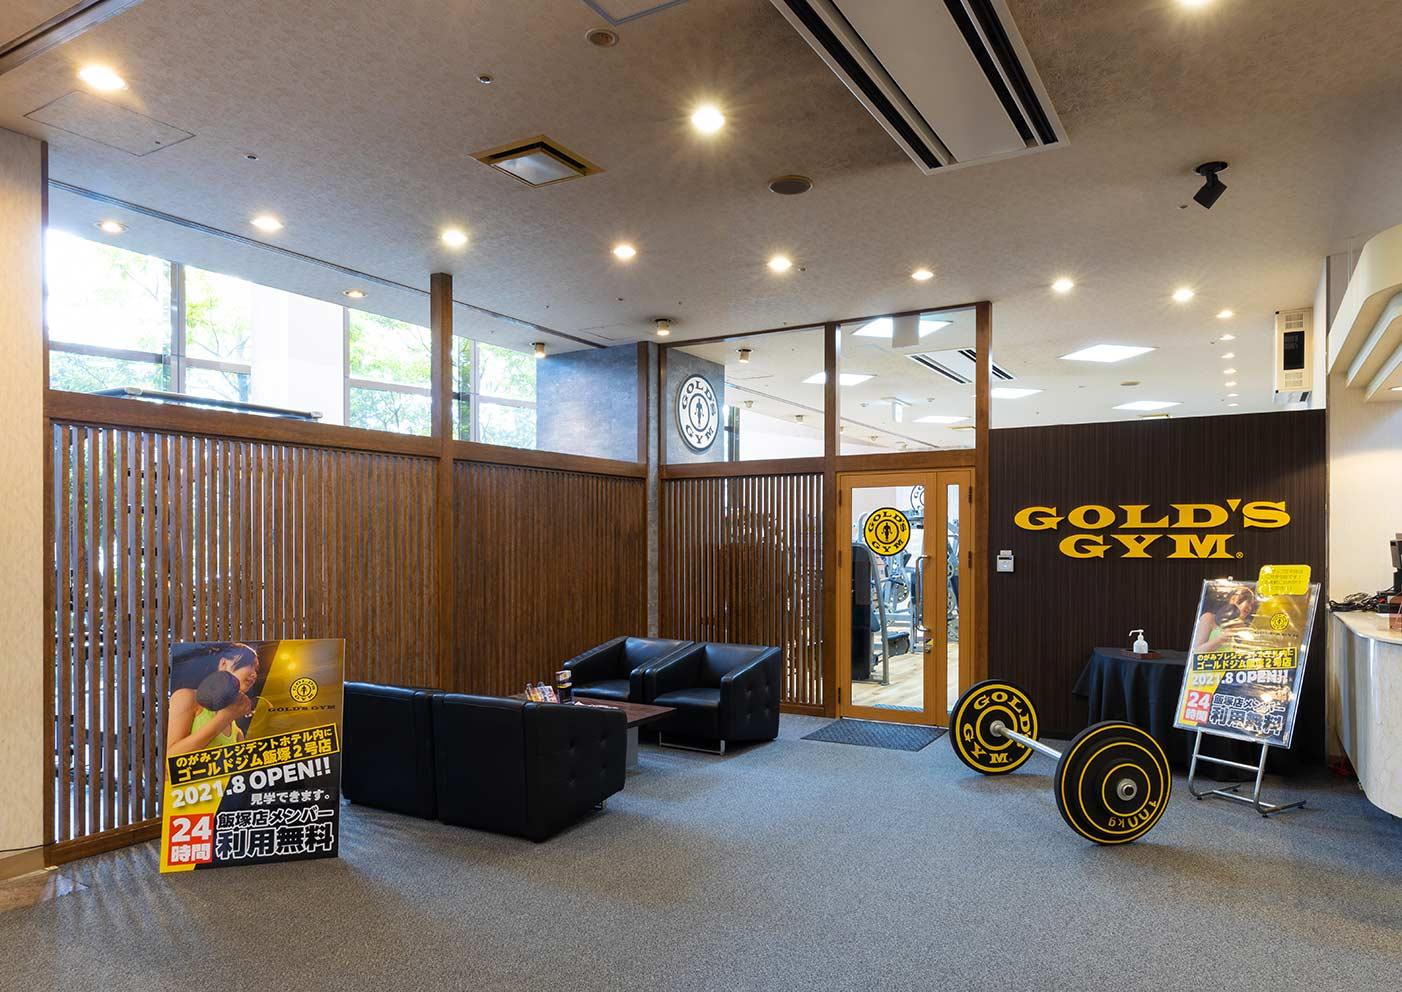 ゴールドジム 飯塚サテライト店